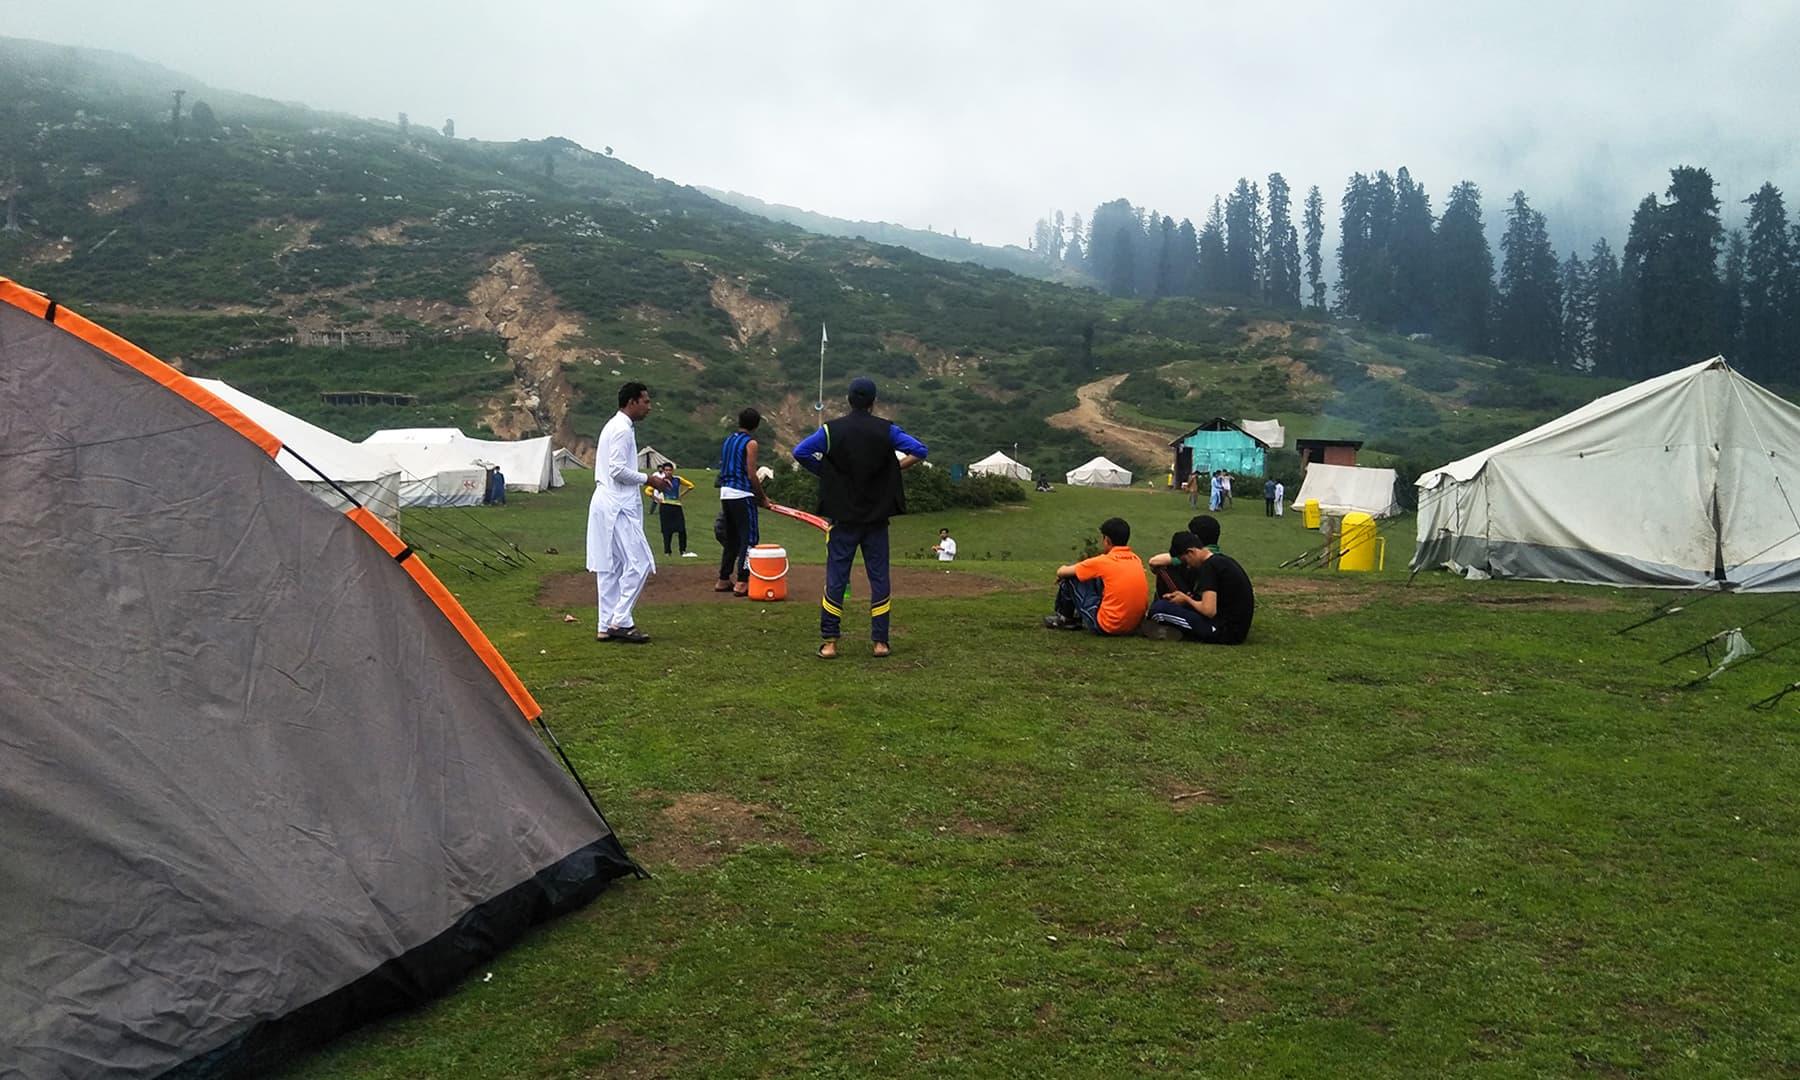 گبین جبہ میں کیمپنگ کی سہولت بھی دستیاب ہے— عظمت اکبر